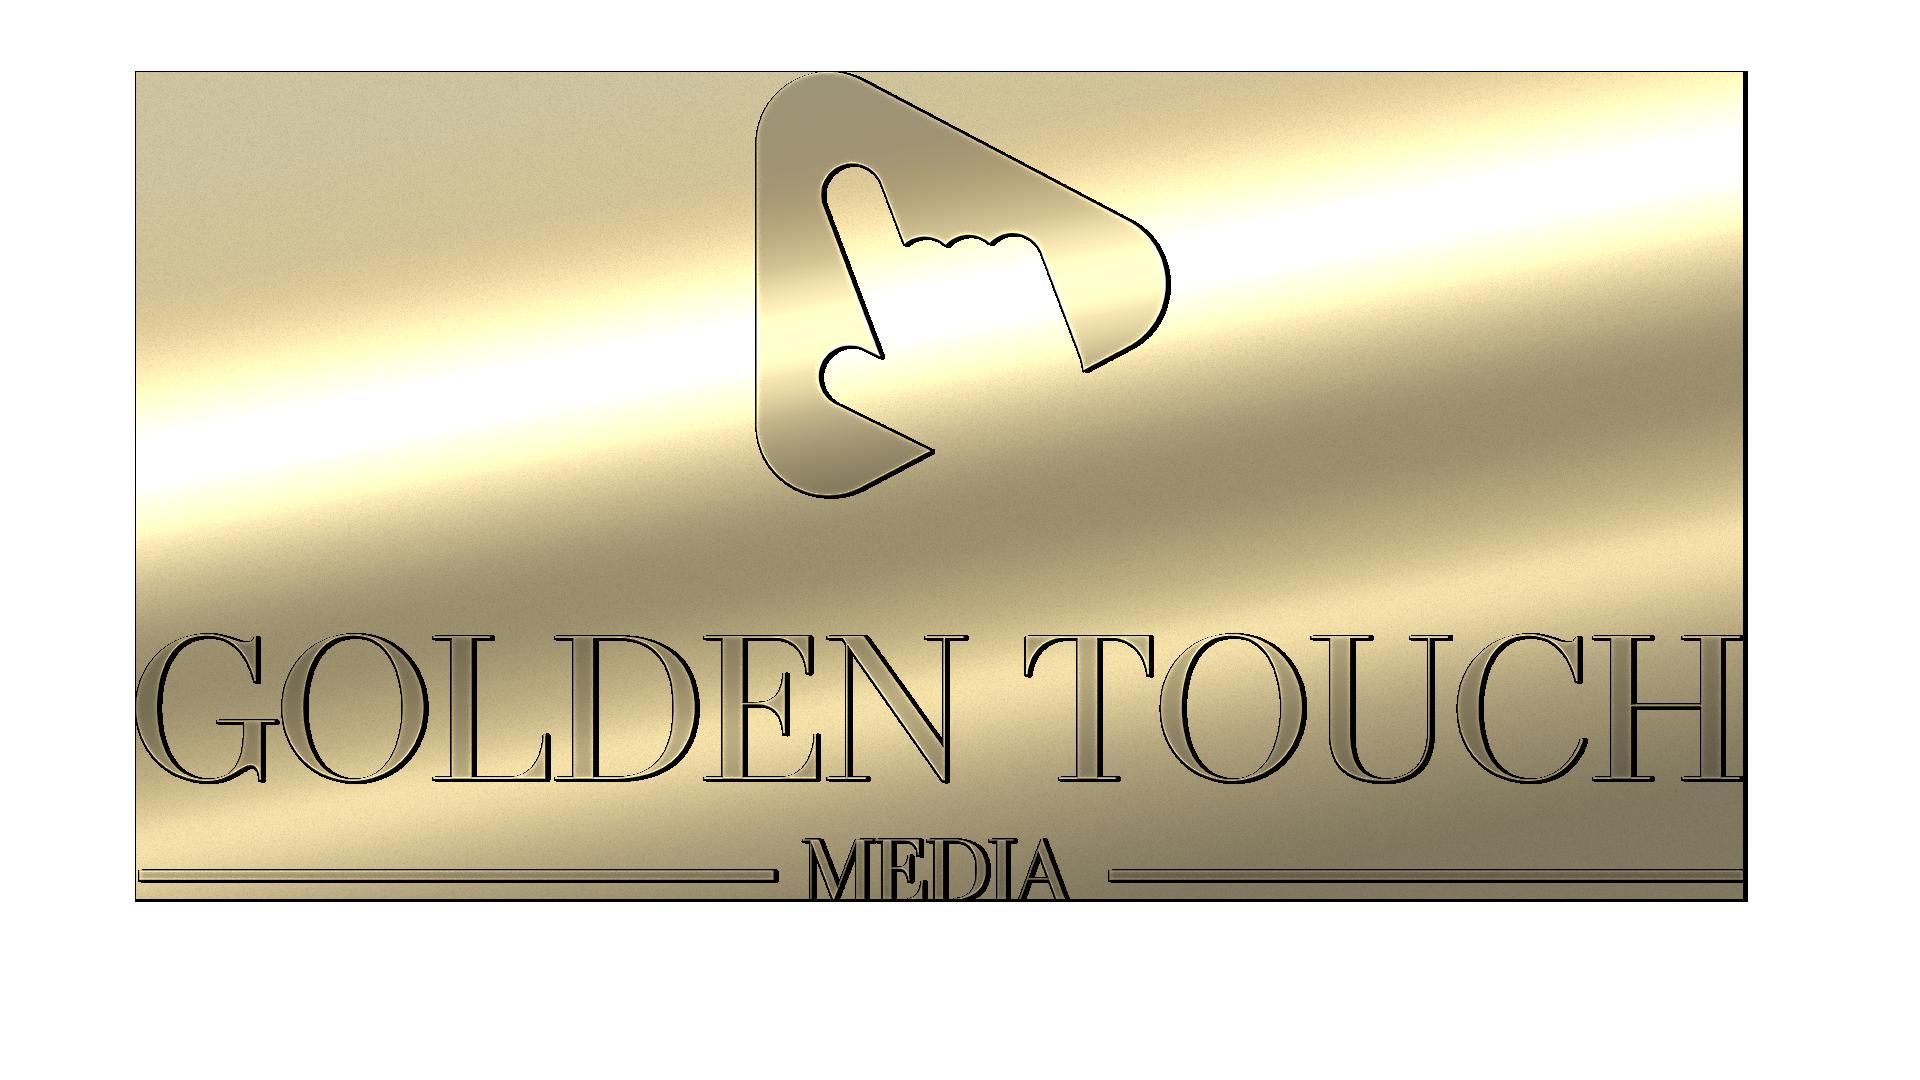 Golden Touch Media